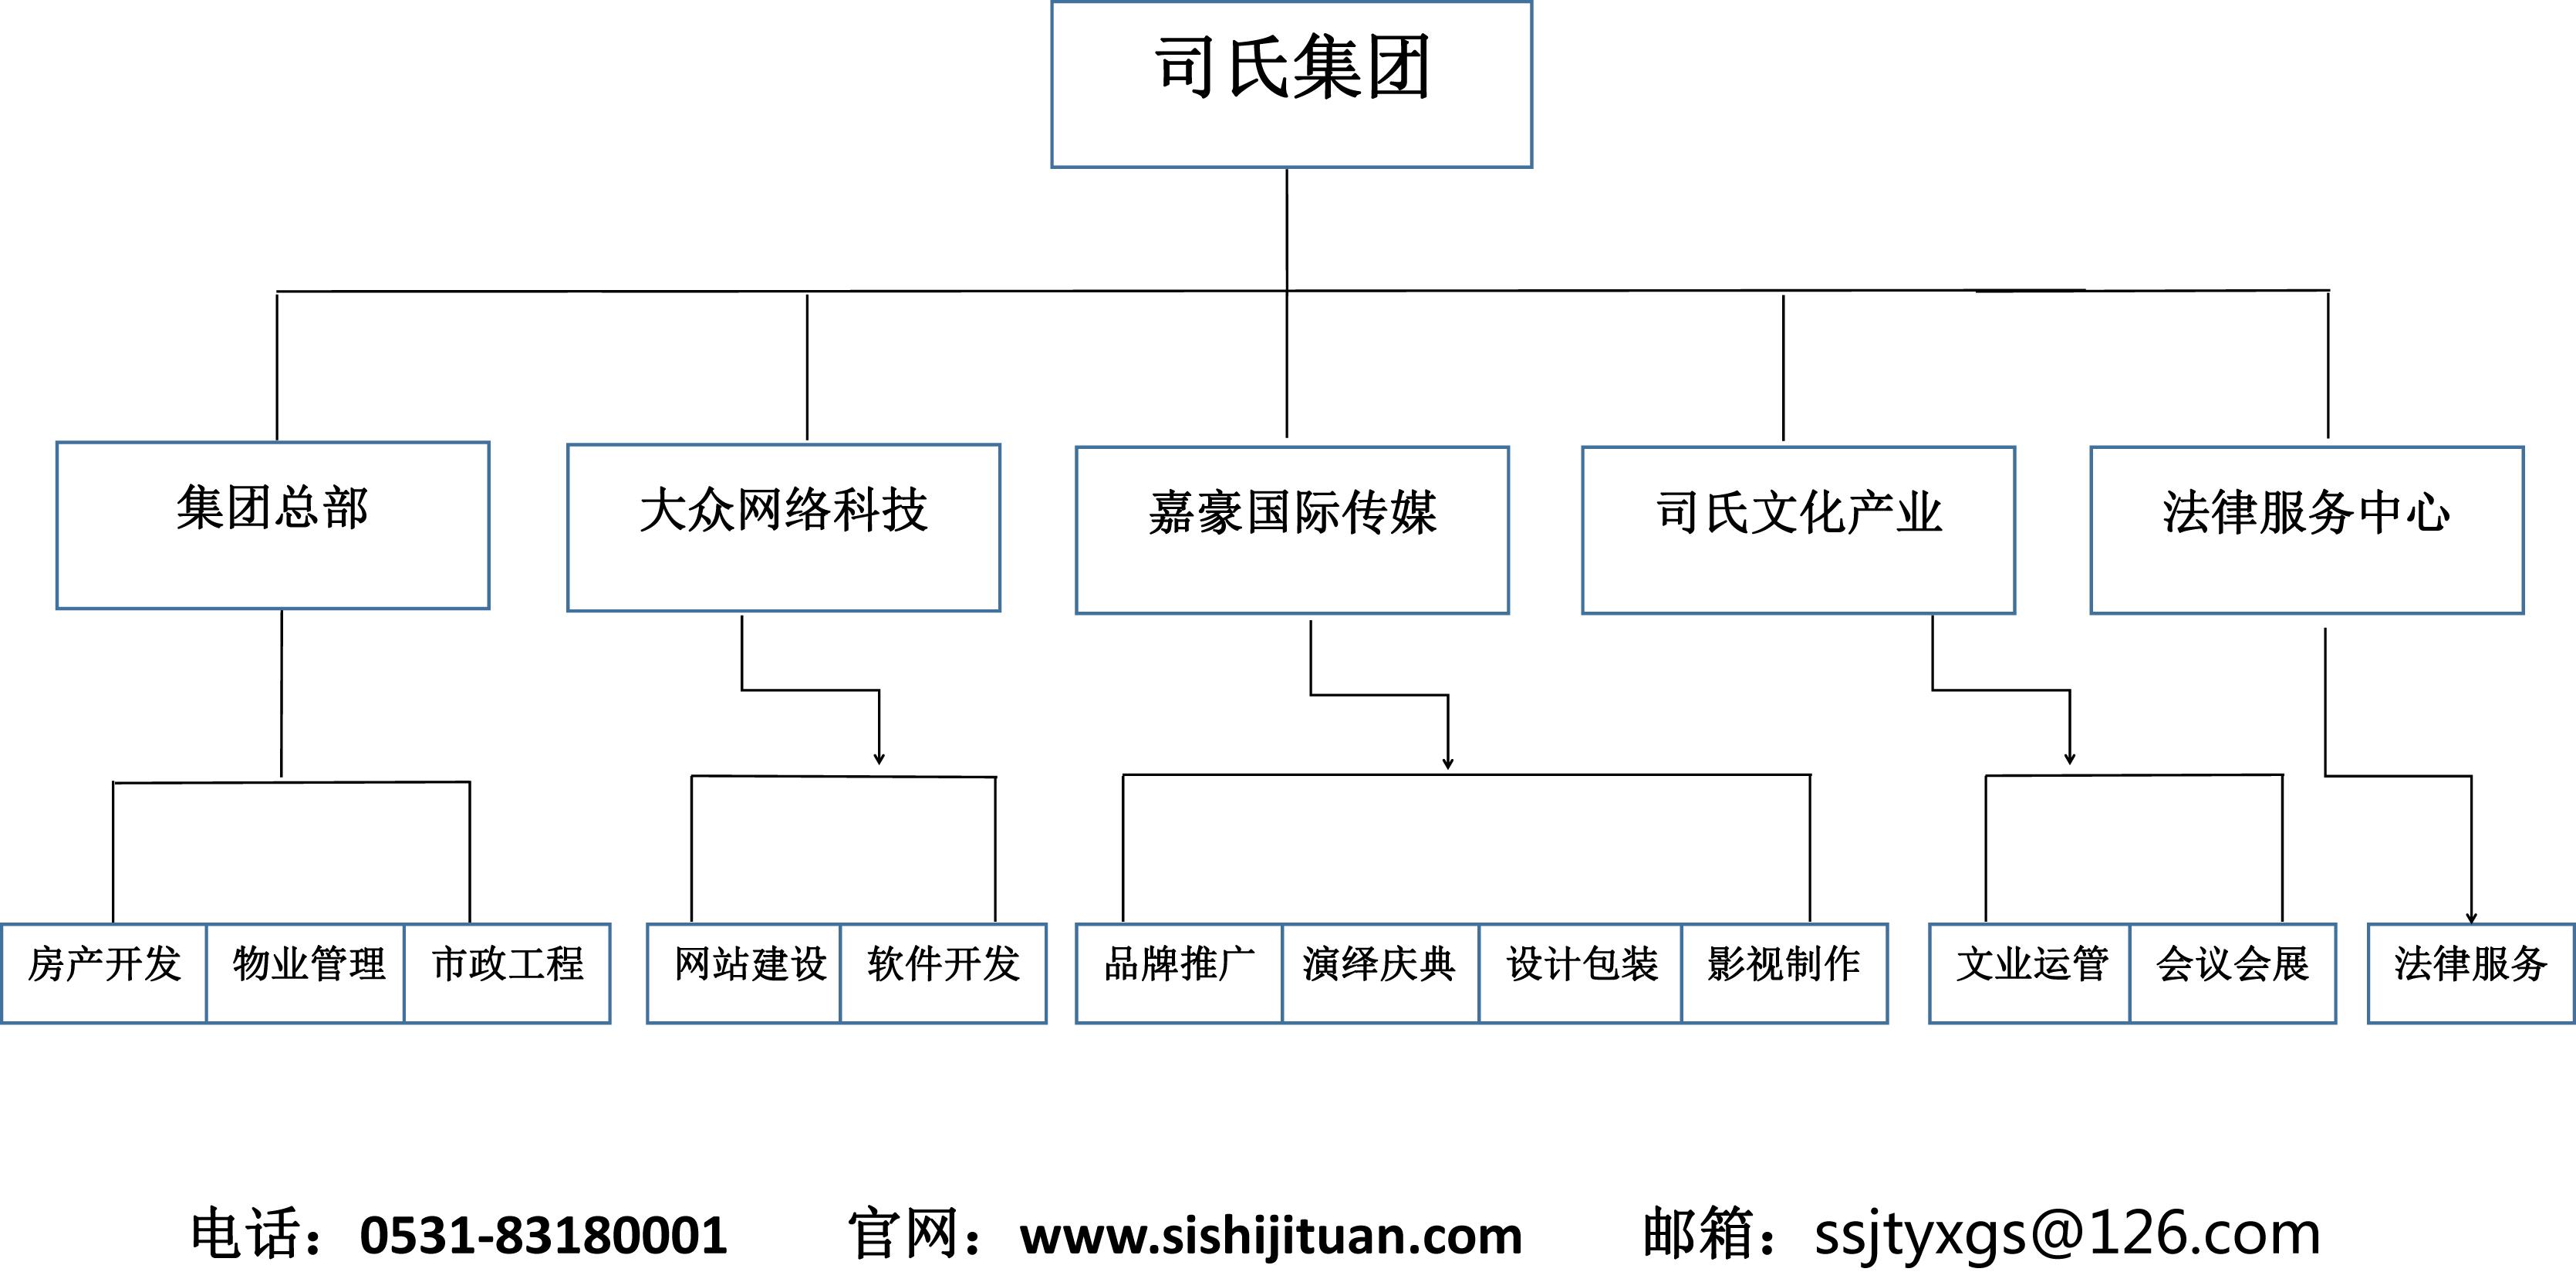 一图解读司氏集团所运营的产业内容项目